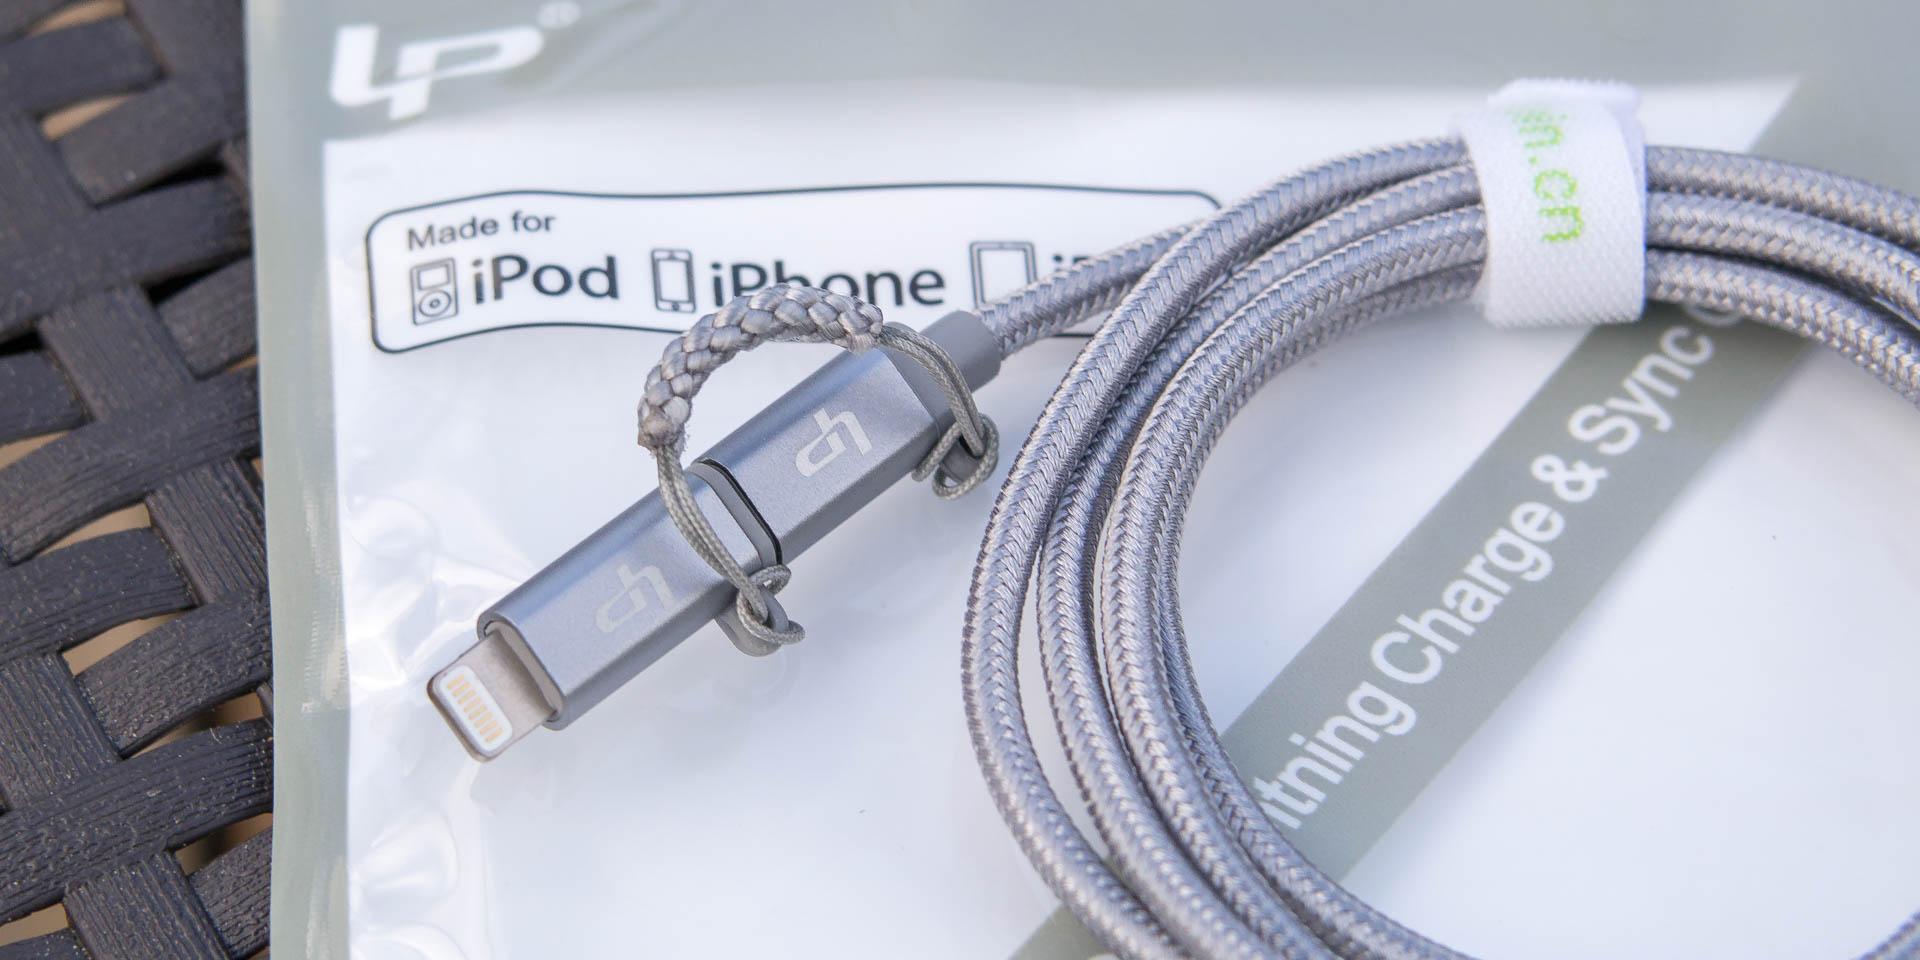 MFI zertifiziertes 2 in 1 Kabel von LP